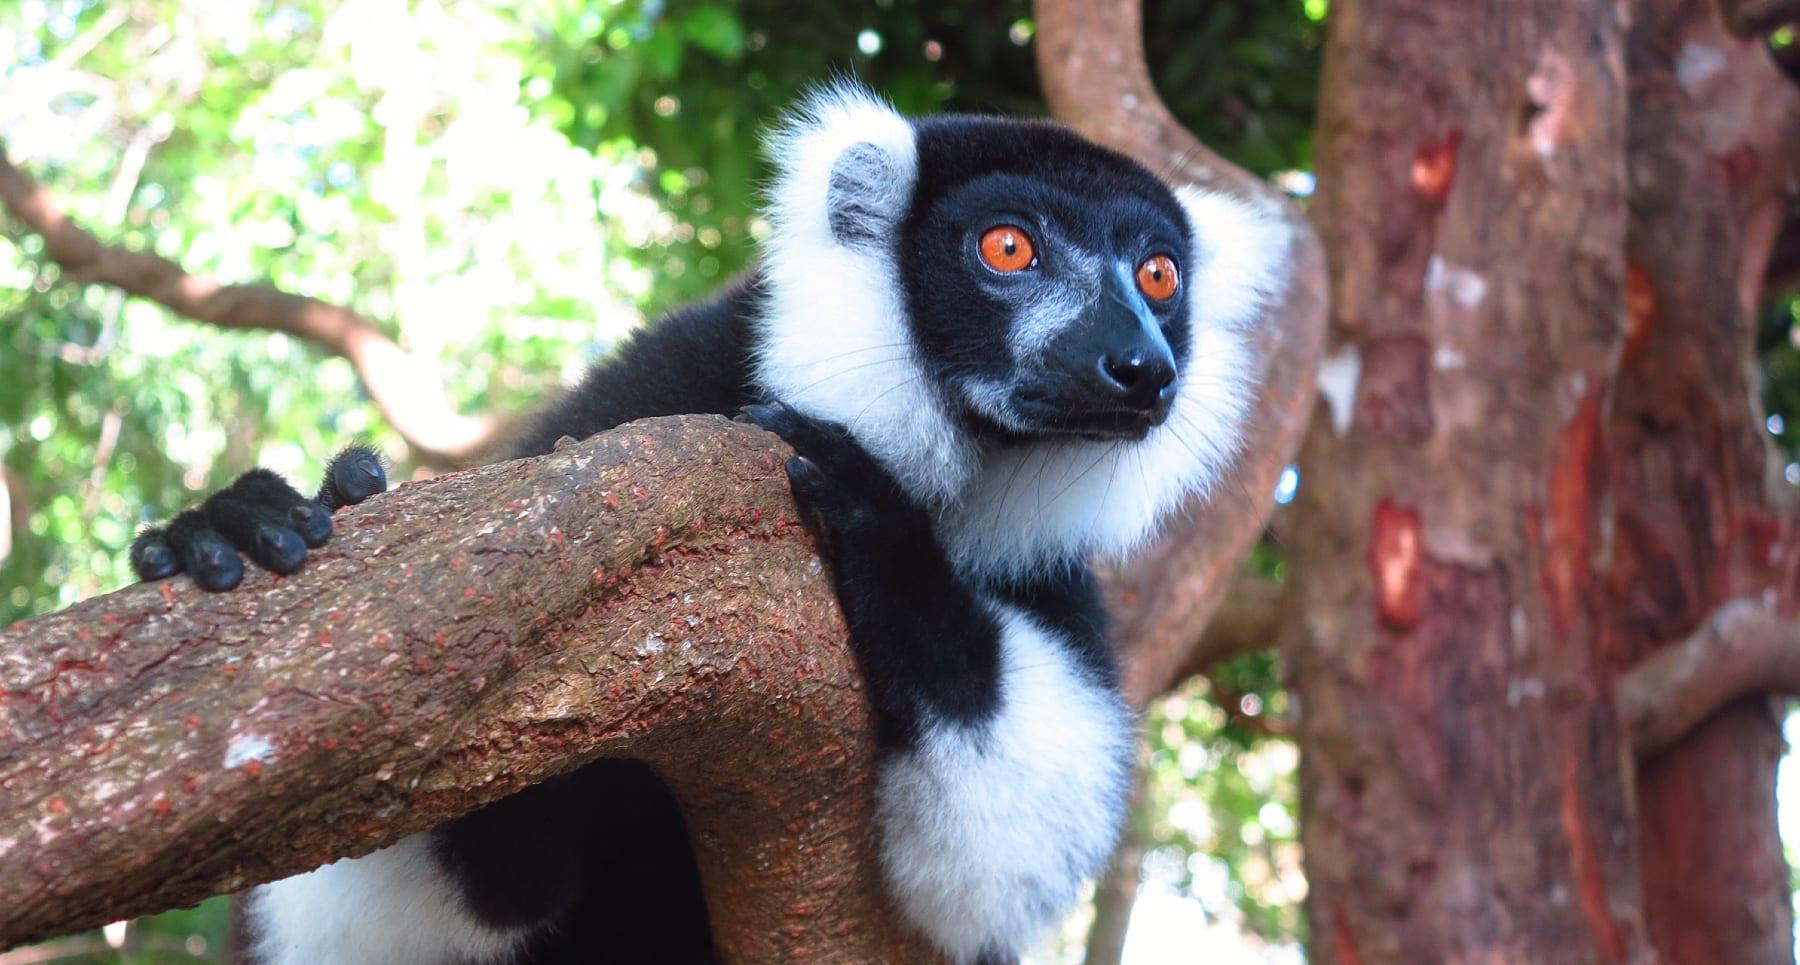 Lemur mit orangefarbenen Augen und schwarz-weißem Fell